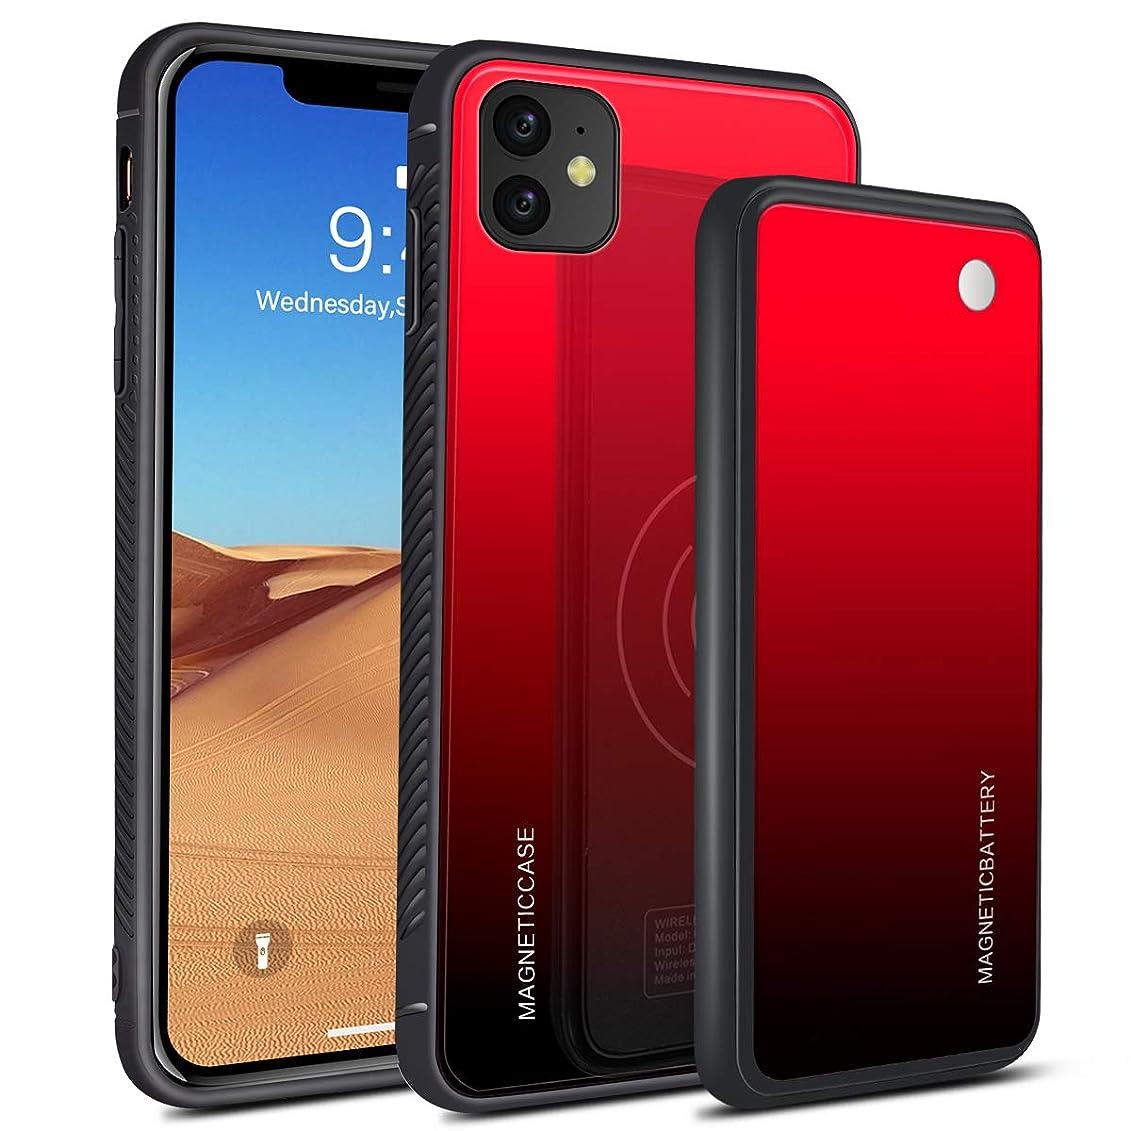 ロッド知事音声iPhone 11 6.1 Inch 「5000mAh」 用 バッテリー内蔵ケース battery case ケース型 急速充電 バッテリー バッテリーケース 超便利 耐衝撃 240% バッテリー容量追加-Red